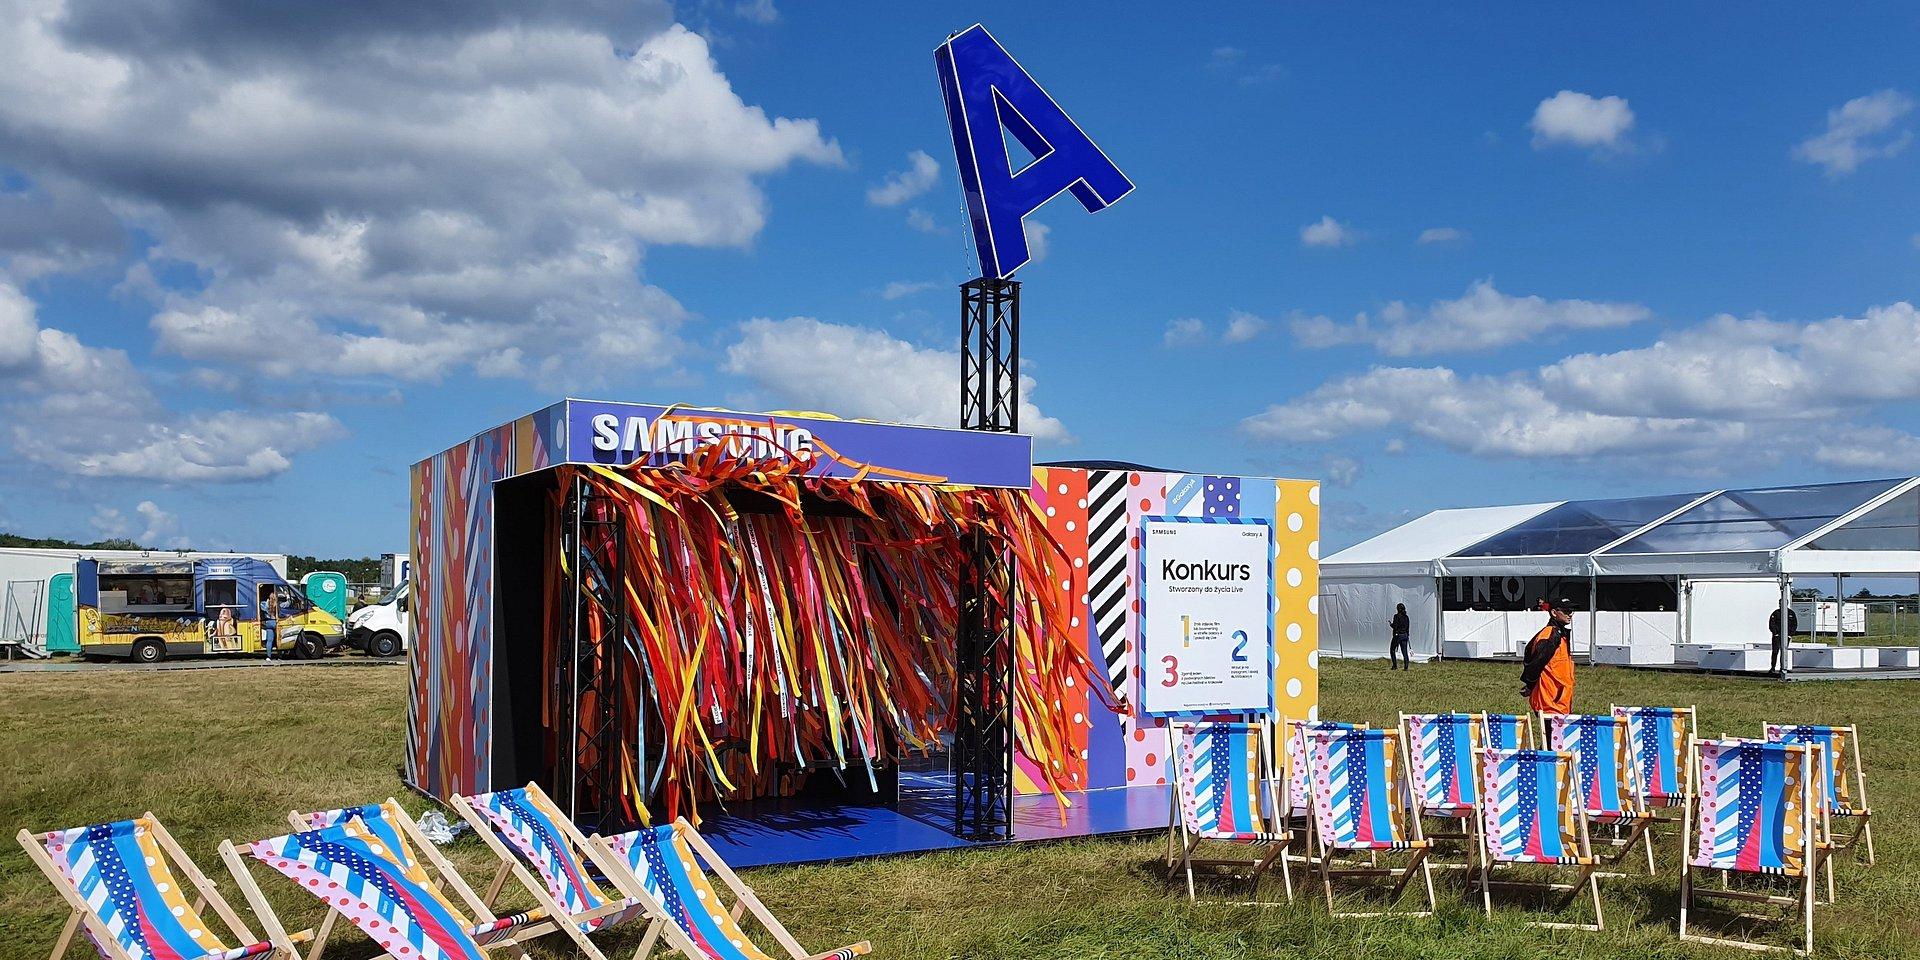 Samsung ze specjalną strefą Galaxy A podczas letnich muzycznych festiwali